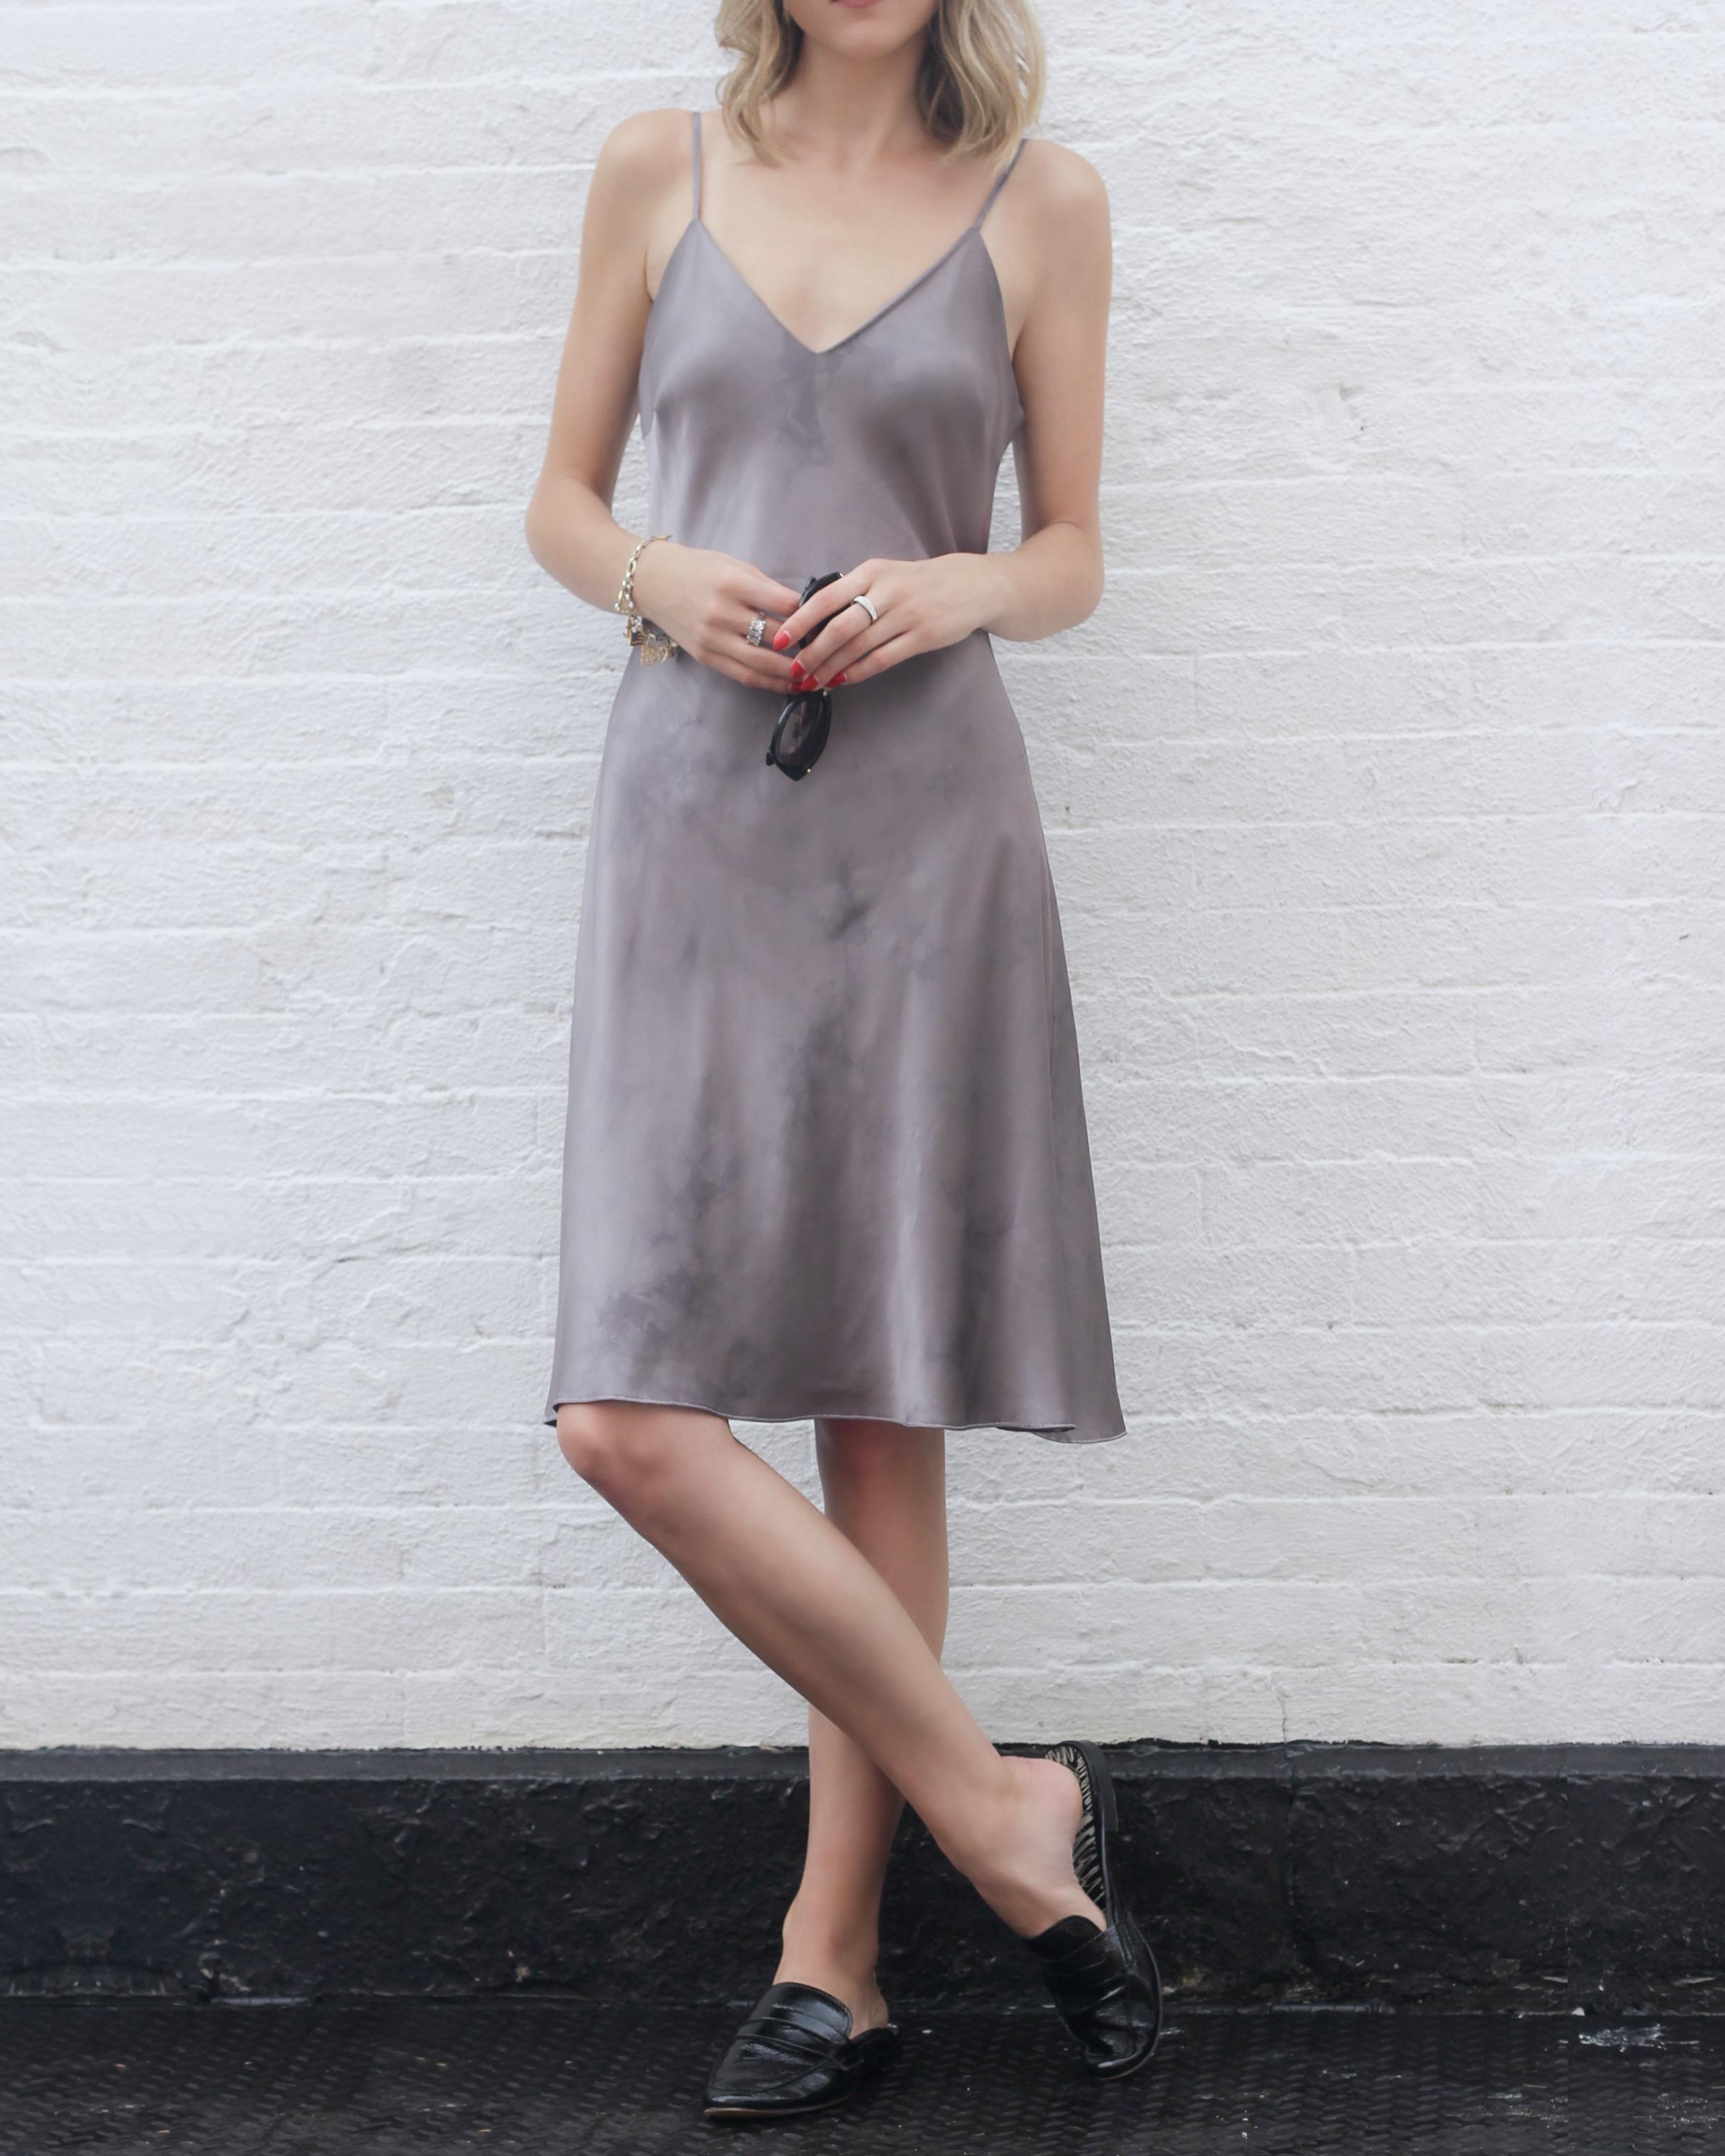 Slip-Dress-2.jpg